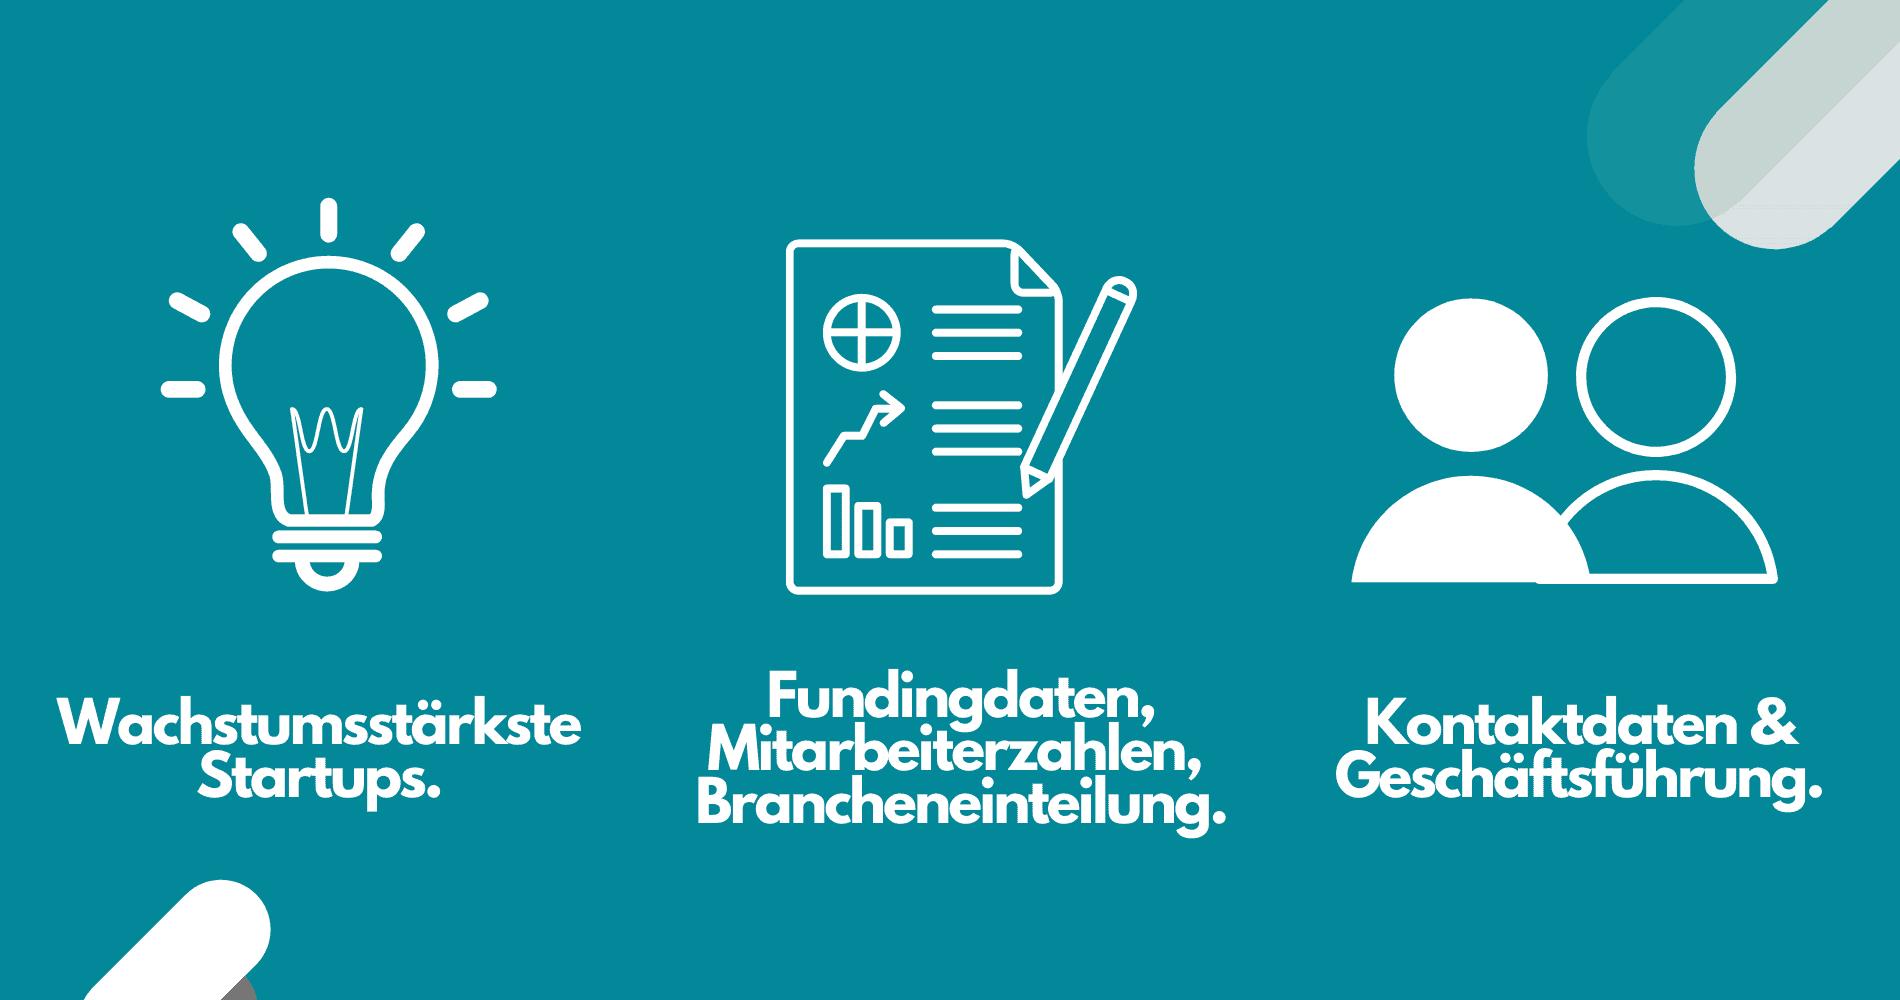 verzeichnis wachstumsstärkste startups deutschland